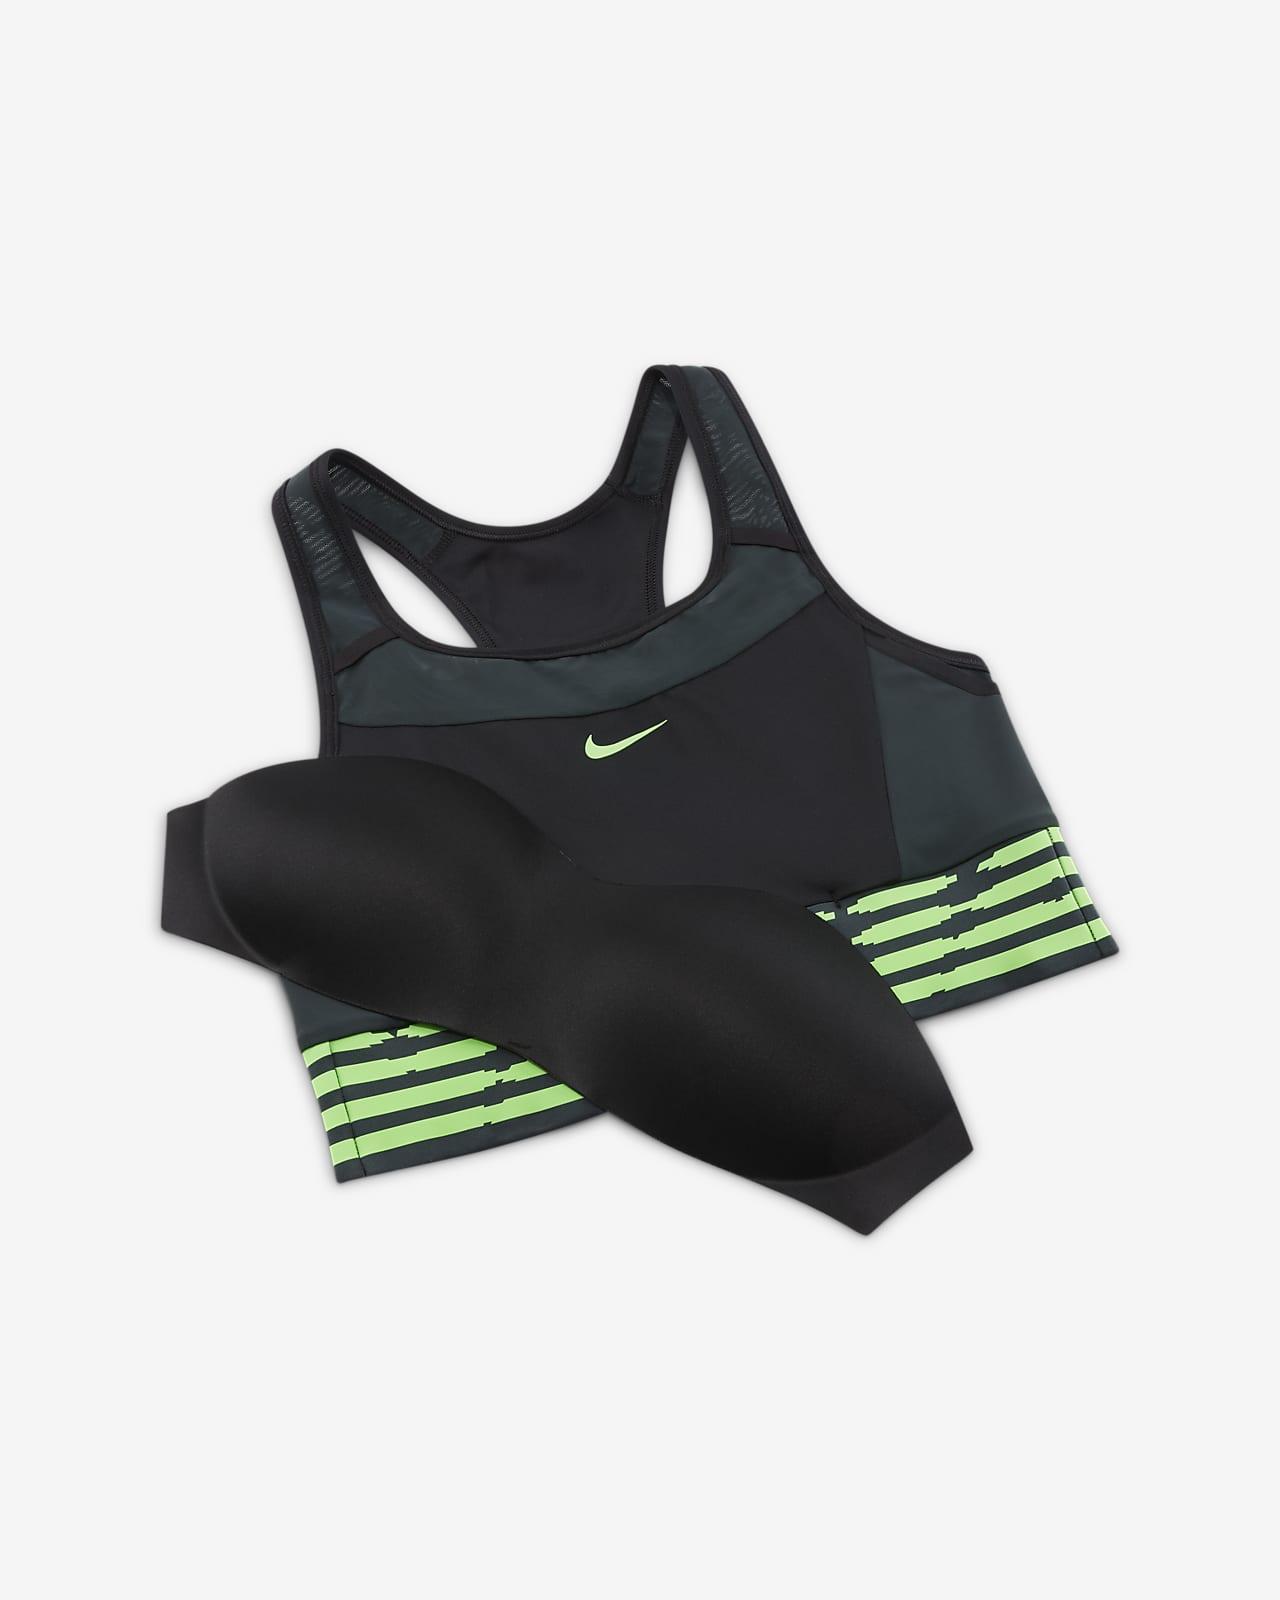 Dámská sportovní podprsenka Nike Swoosh se střední oporou, jednodílnou vycpávkou akapsami